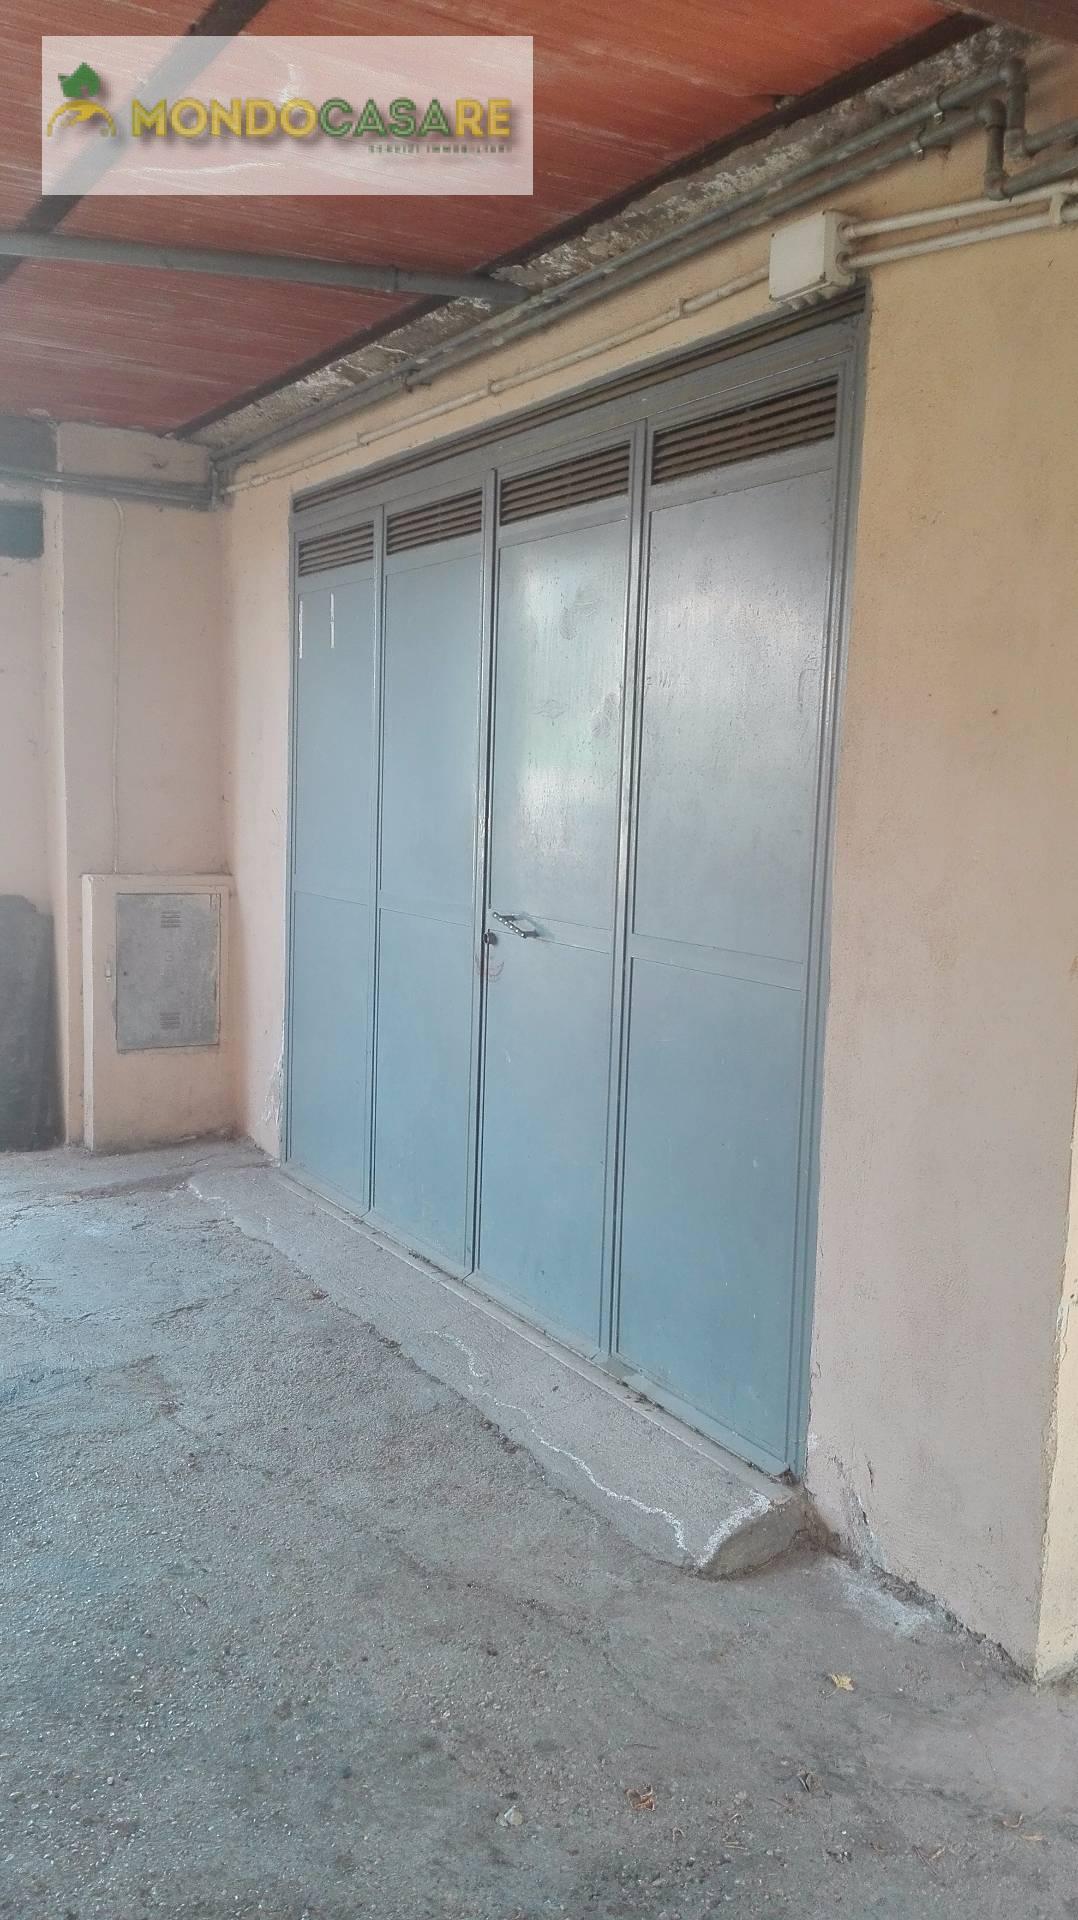 Magazzino in vendita a Palombara Sabina, 1 locali, prezzo € 27.000 | Cambio Casa.it